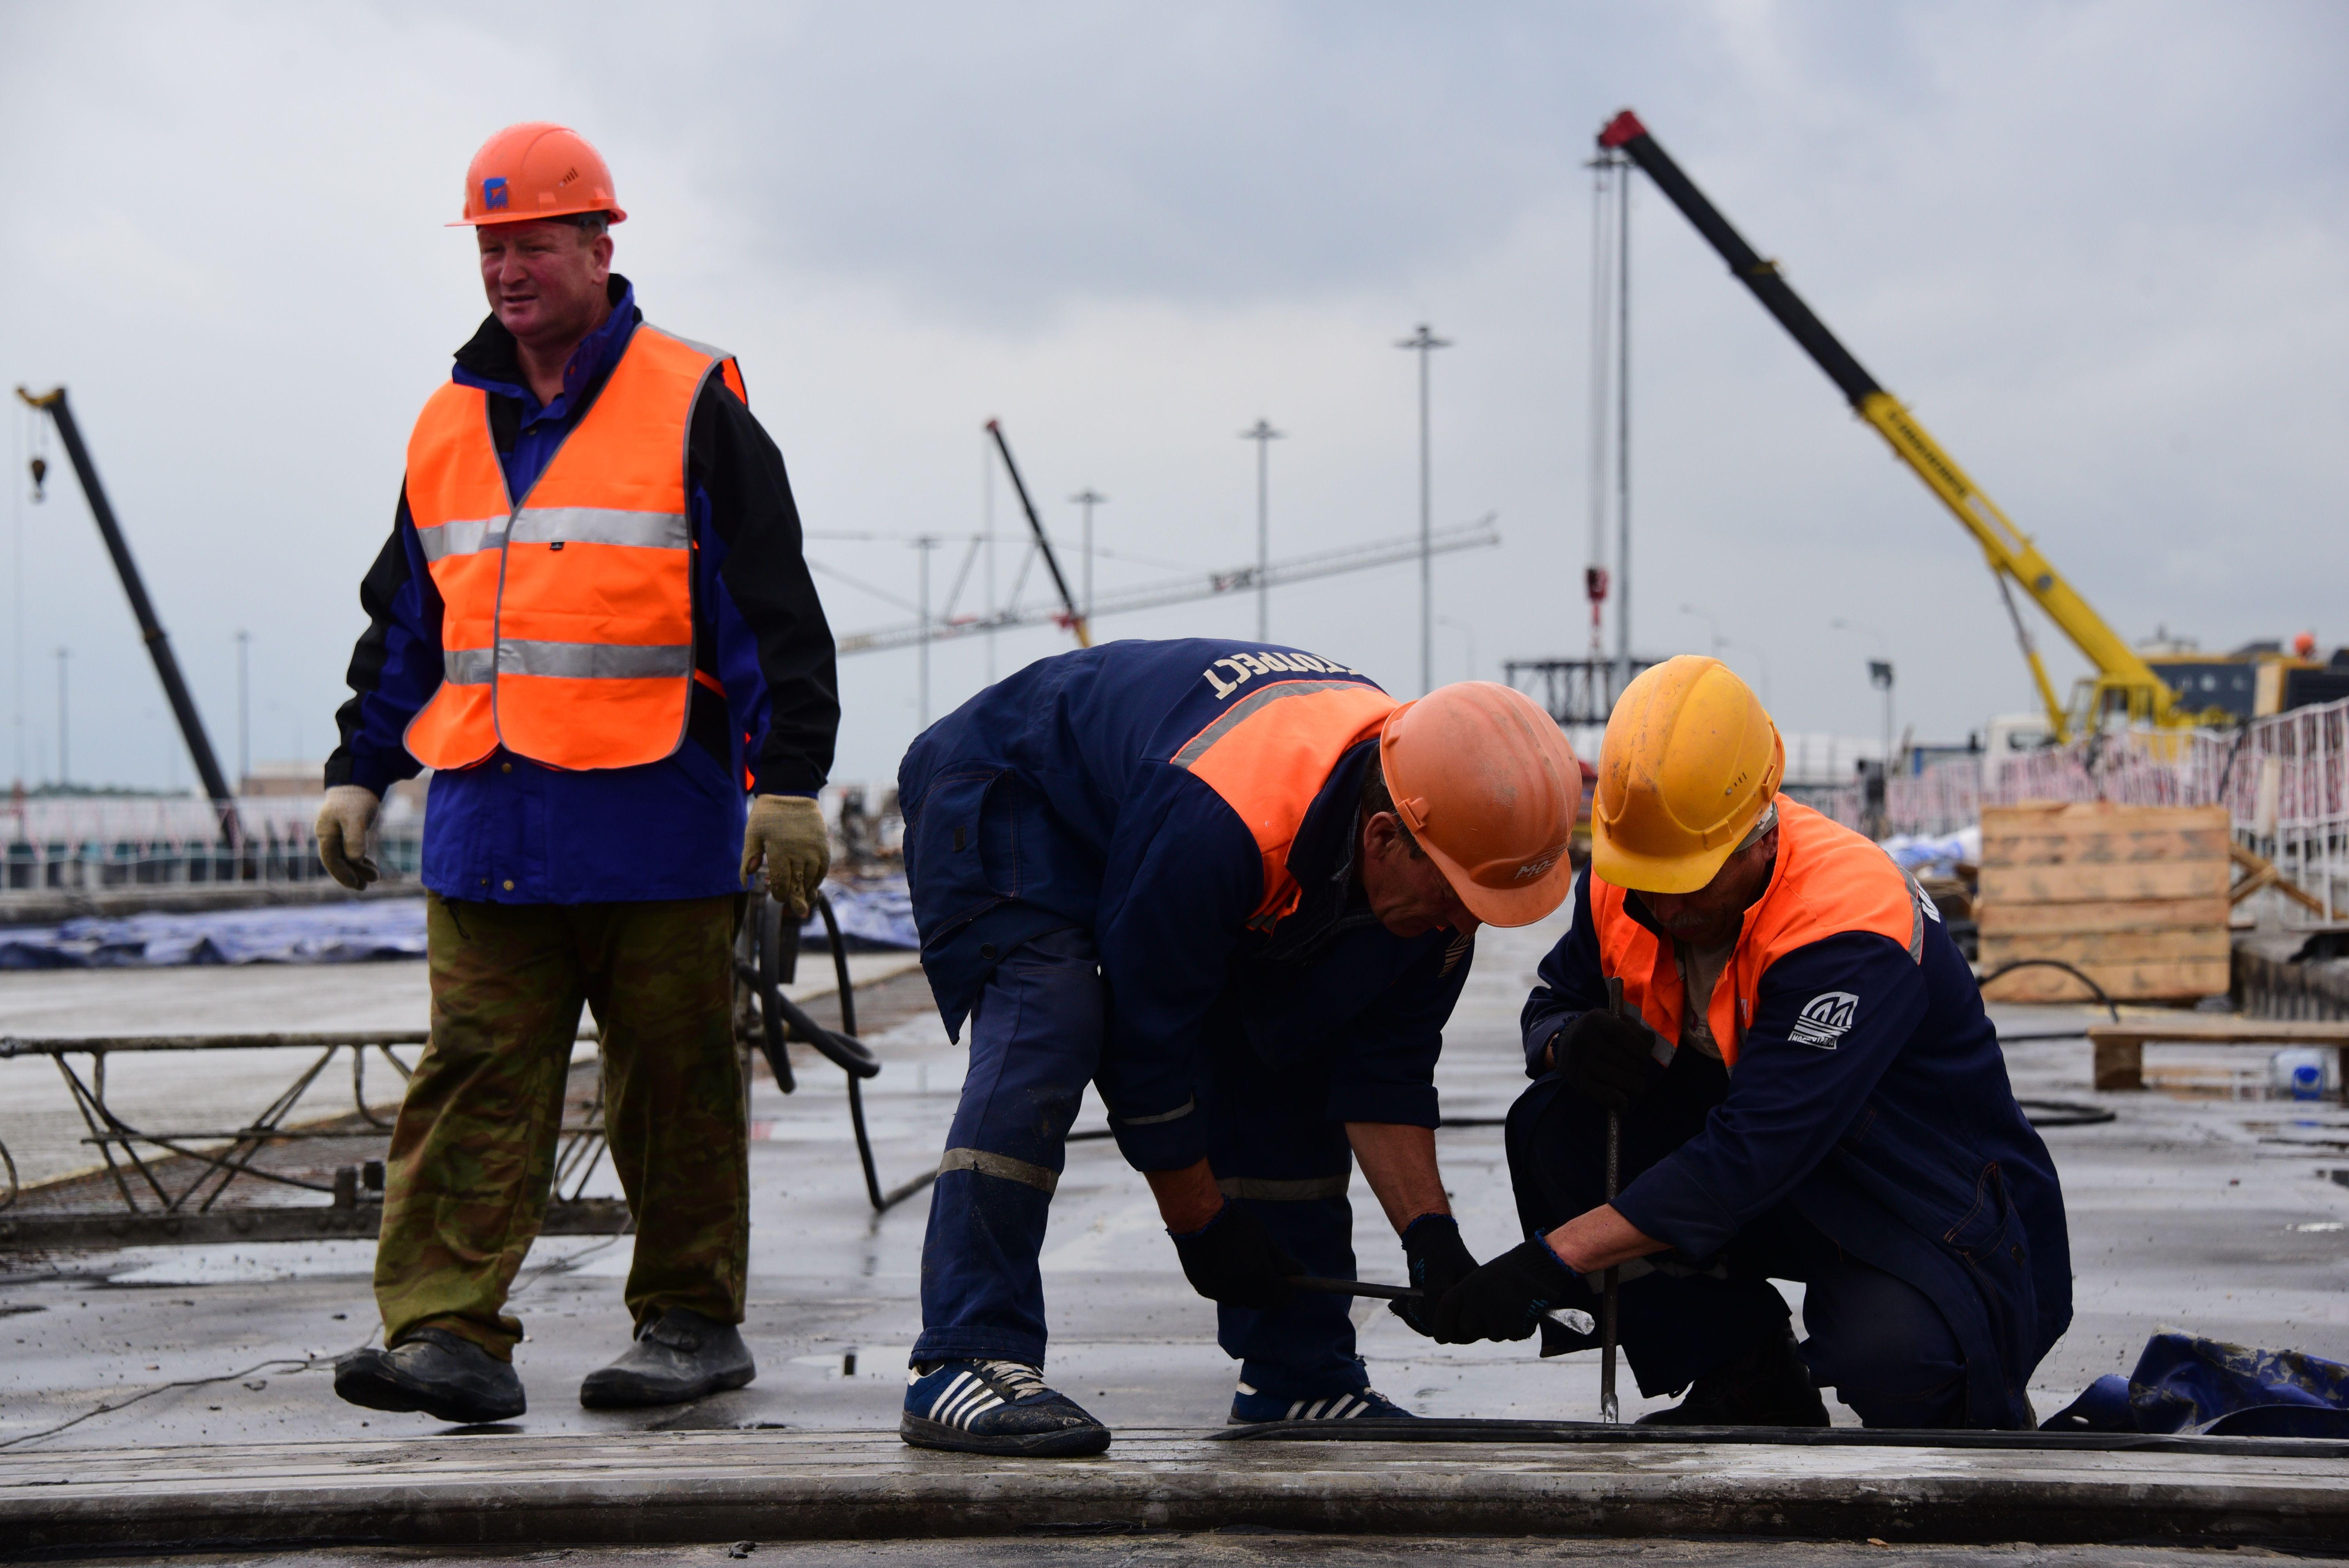 Движение по трассе «Солнцево — Бутово — Варшавское шоссе» могут запустить в 2022 году